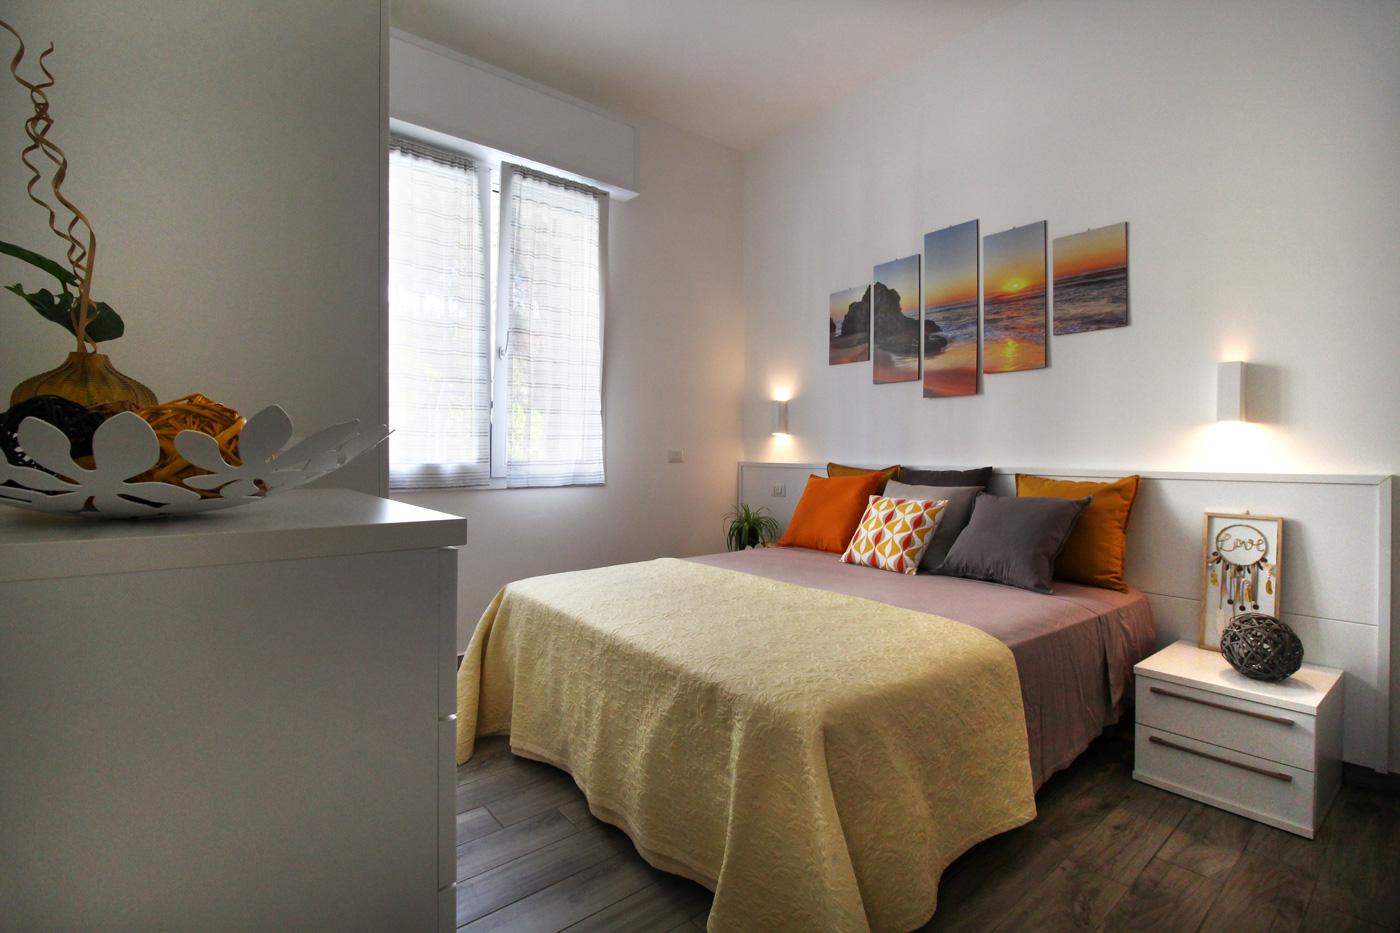 Appartamento thomas romagna case vacanze san mauro mare gatteo mare_8947_2